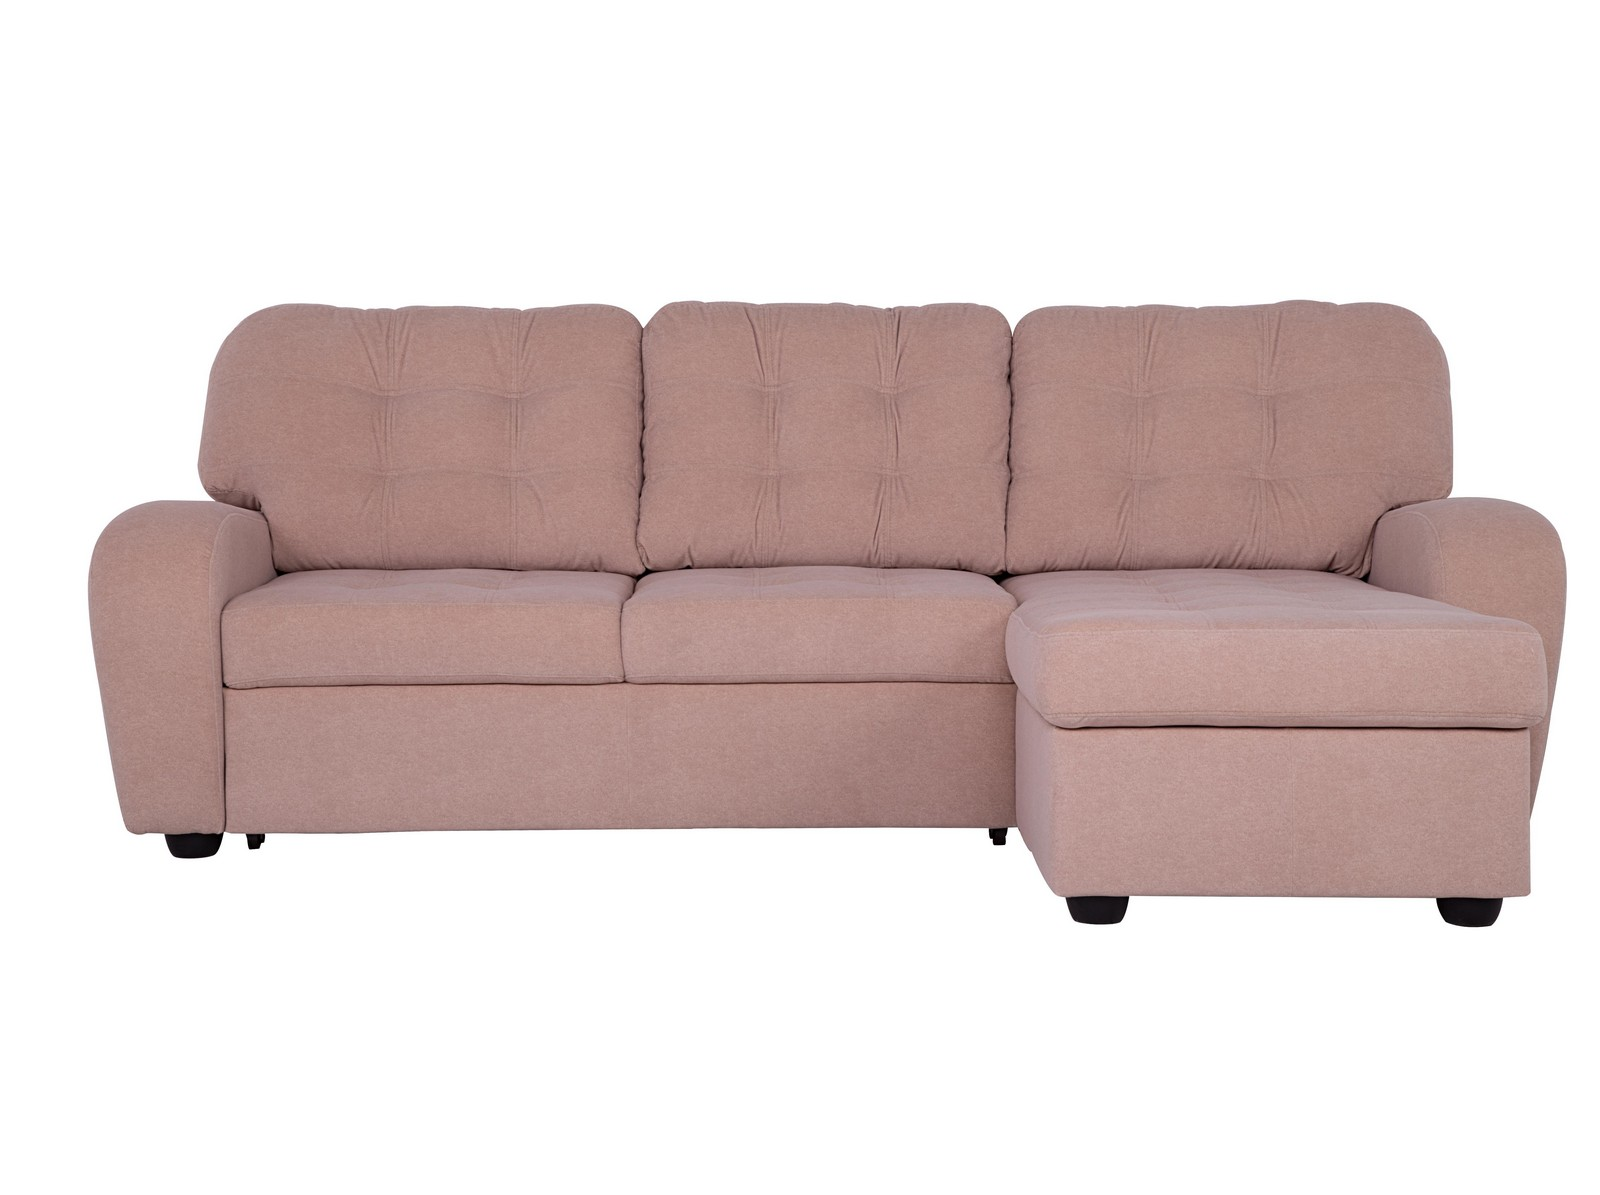 Угловой диван-кровать СиднейУгловые раскладные диваны<br>Компактный угловой диван создаст комфорт даже в небольшом помещении. «Сидней» сочетает в себе современный дизайн и тонкие классичесиие акценты. <br>Если Вы желаете использовать пространство комнаты максимально грамотно, диван «Сидней» — отличный выбор. <br>Эта модель специально спроектирована по многочисленным просьбам покупателей и повторяет дизайн популярного дивана &amp;quot;Монреаль&amp;quot;.Сборка требуется, все крепления входят в стоимость, диван оборудован раскладным механизмом&amp;lt;div&amp;gt;&amp;lt;br&amp;gt;&amp;lt;/div&amp;gt;&amp;lt;div&amp;gt;Материал обивки: флок&amp;lt;/div&amp;gt;&amp;lt;div&amp;gt;Размер спального места: 200х137 см&amp;lt;/div&amp;gt;<br><br>Material: Текстиль<br>Ширина см: 242<br>Высота см: 94<br>Глубина см: 154